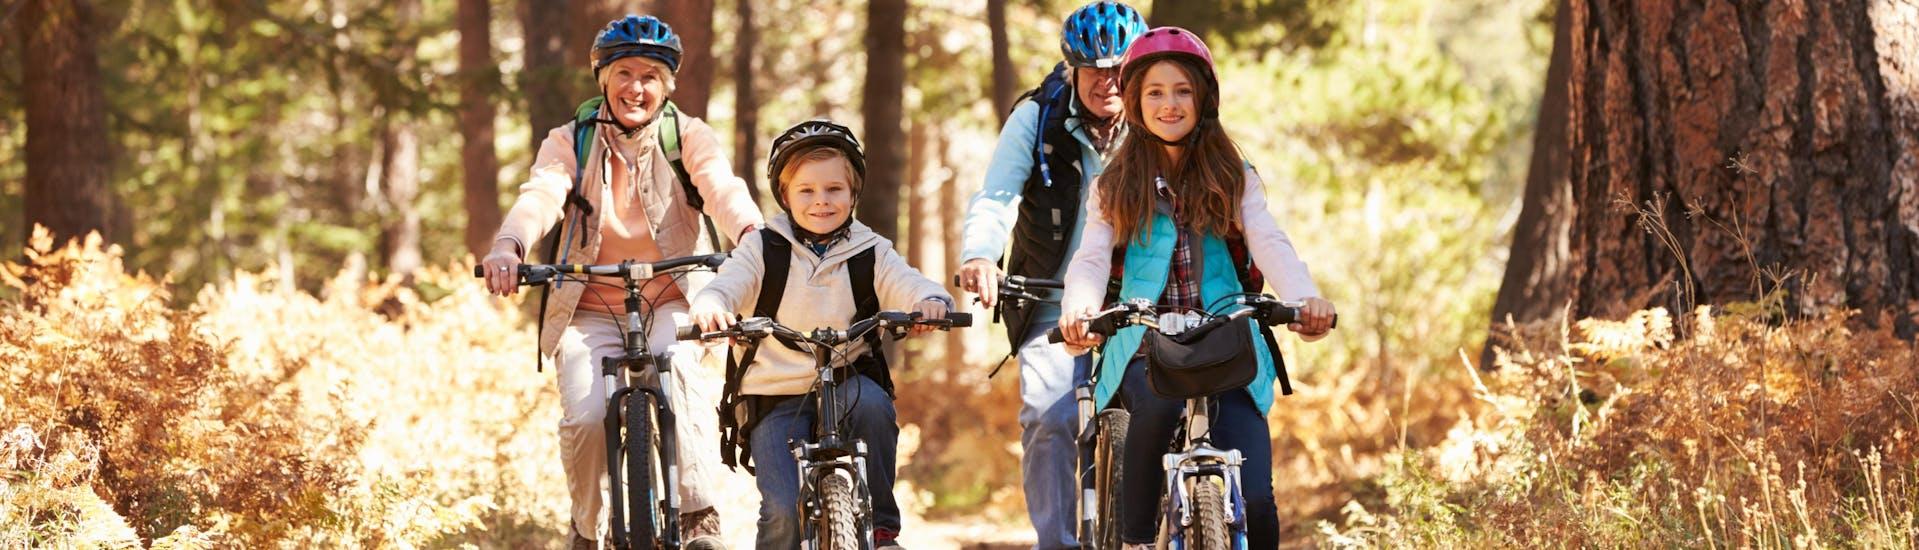 Une famille fait du vélo grâce à des vélos loués dans un magasin de location de vélos situé dans la destination Nendaz.